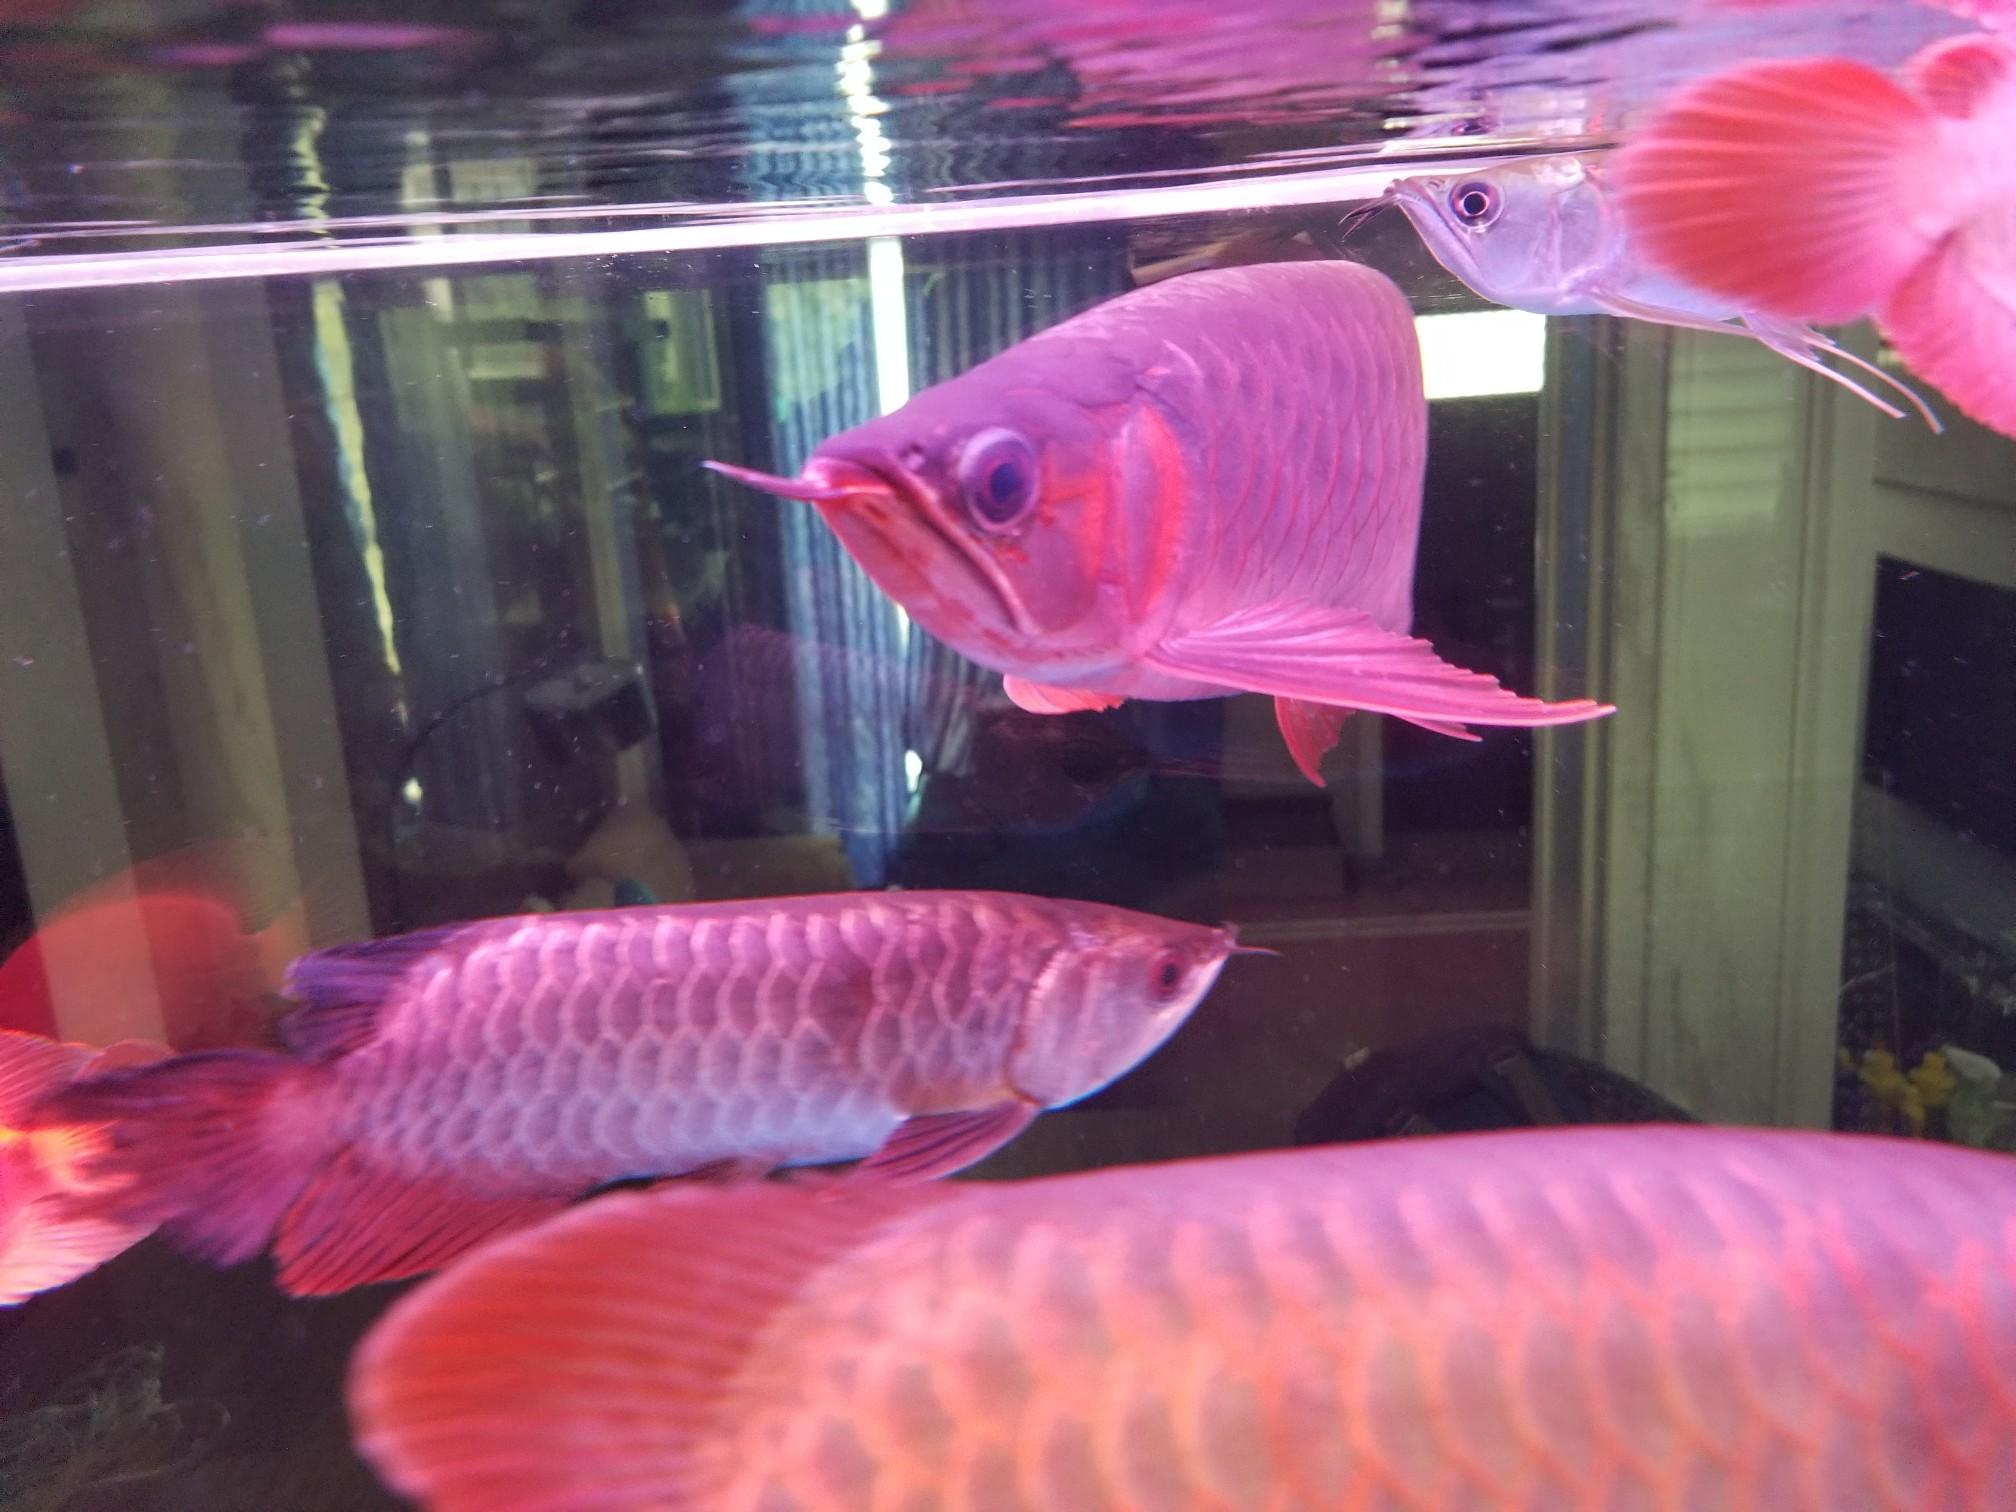 鱼背上有白色的东西 是不是融鳞了? 北京观赏鱼 北京龙鱼第3张